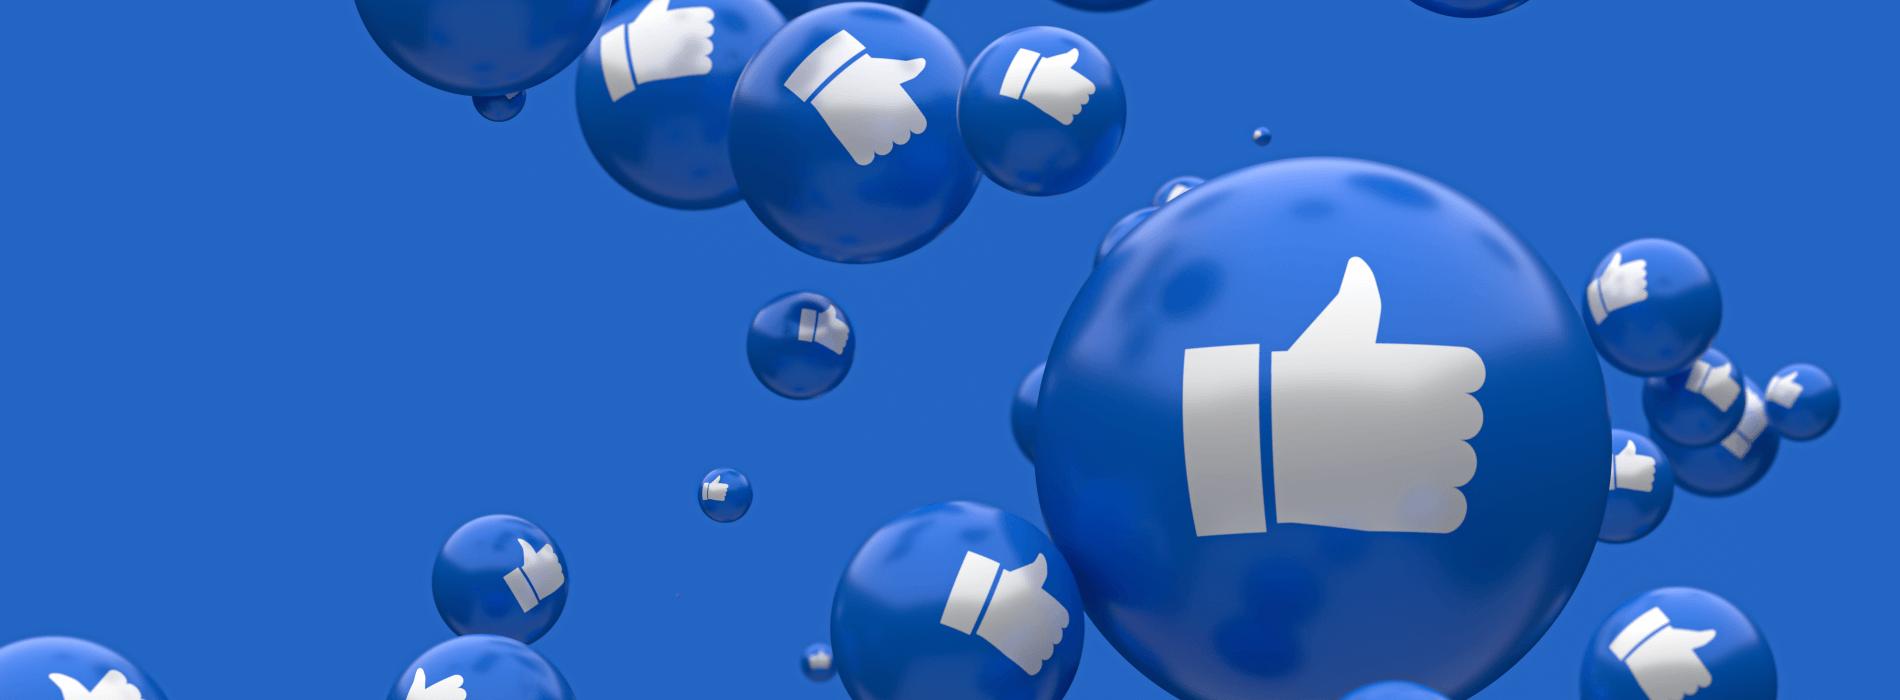 facebook_ads_instagram_ads_agencia_genius_marketing